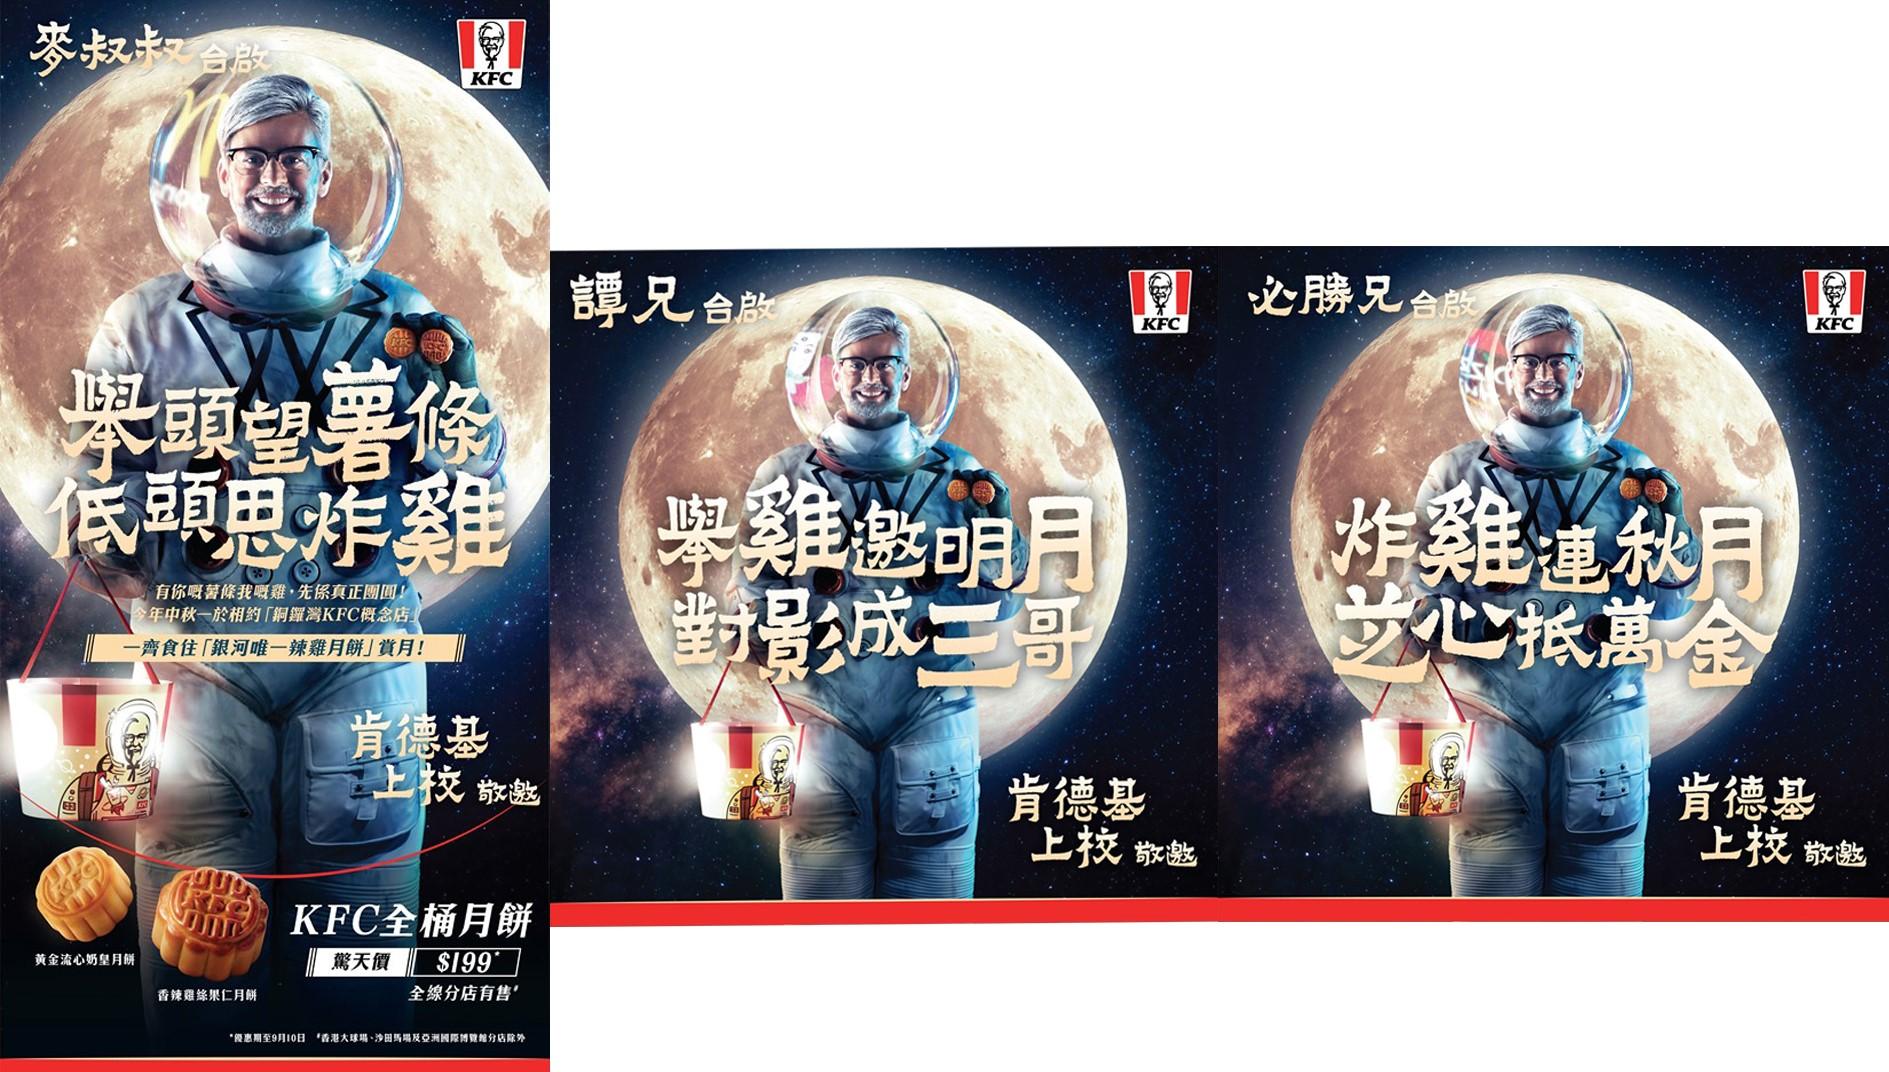 平面宣傳海報設計